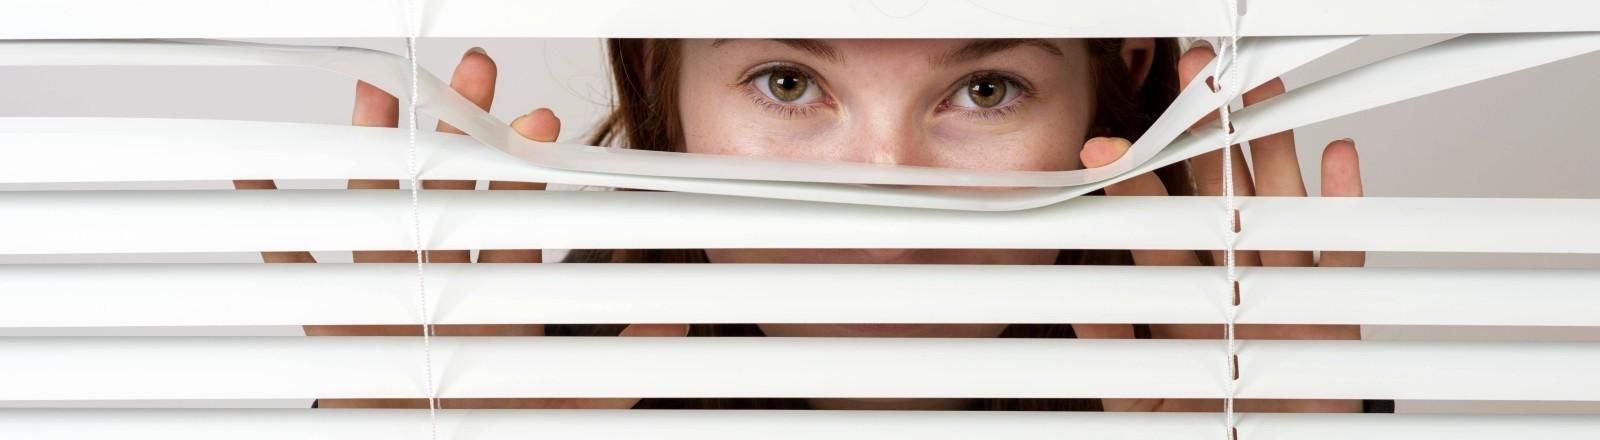 Eine Frau schaut neugierig durch den Schlitz einer Schalousie